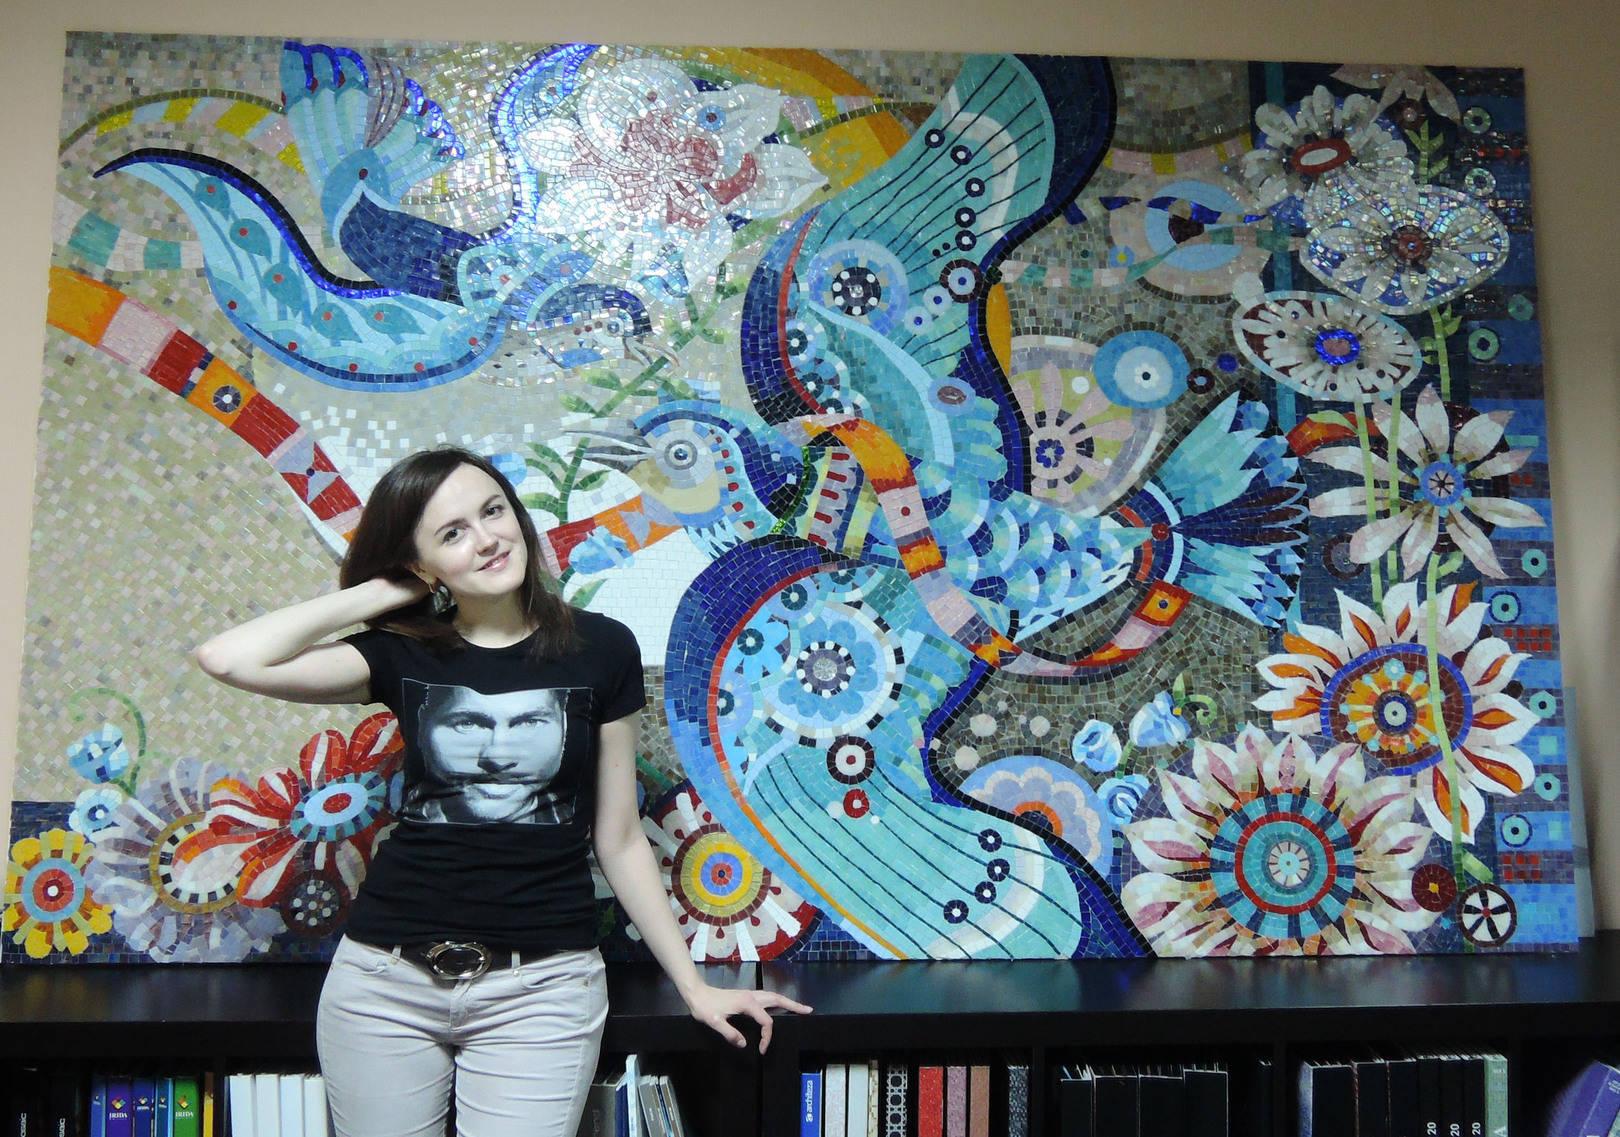 Панно  «Птицы» выполнено по эскизам американского иллюстратора David Galchutt (2000мм Х  1500 мм)  В панно использовалась стеклянная мозаика  ART&NATURA , ARHITEZA , ALMA ,ROSE ,BISZZA . Благодаря сочетанию разных брендов стеклянной мозаики в панно получалась яркая выразительная работа, разнофактурность мозаики подчеркивает оригинальность картины. @irina_nesterova_in